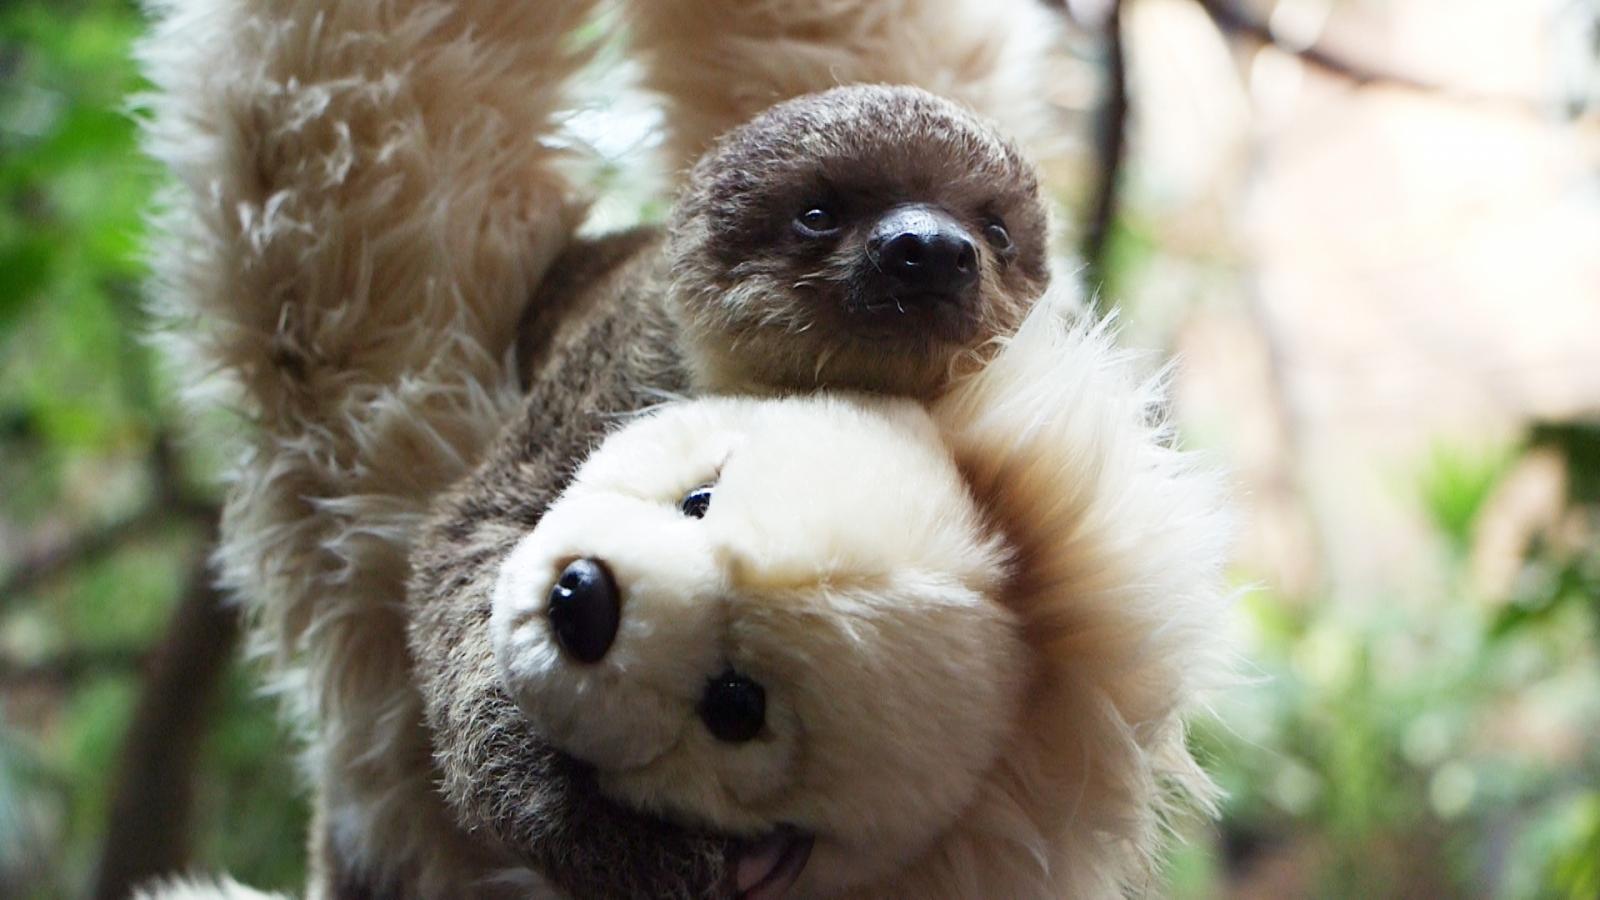 tiny baby sloth